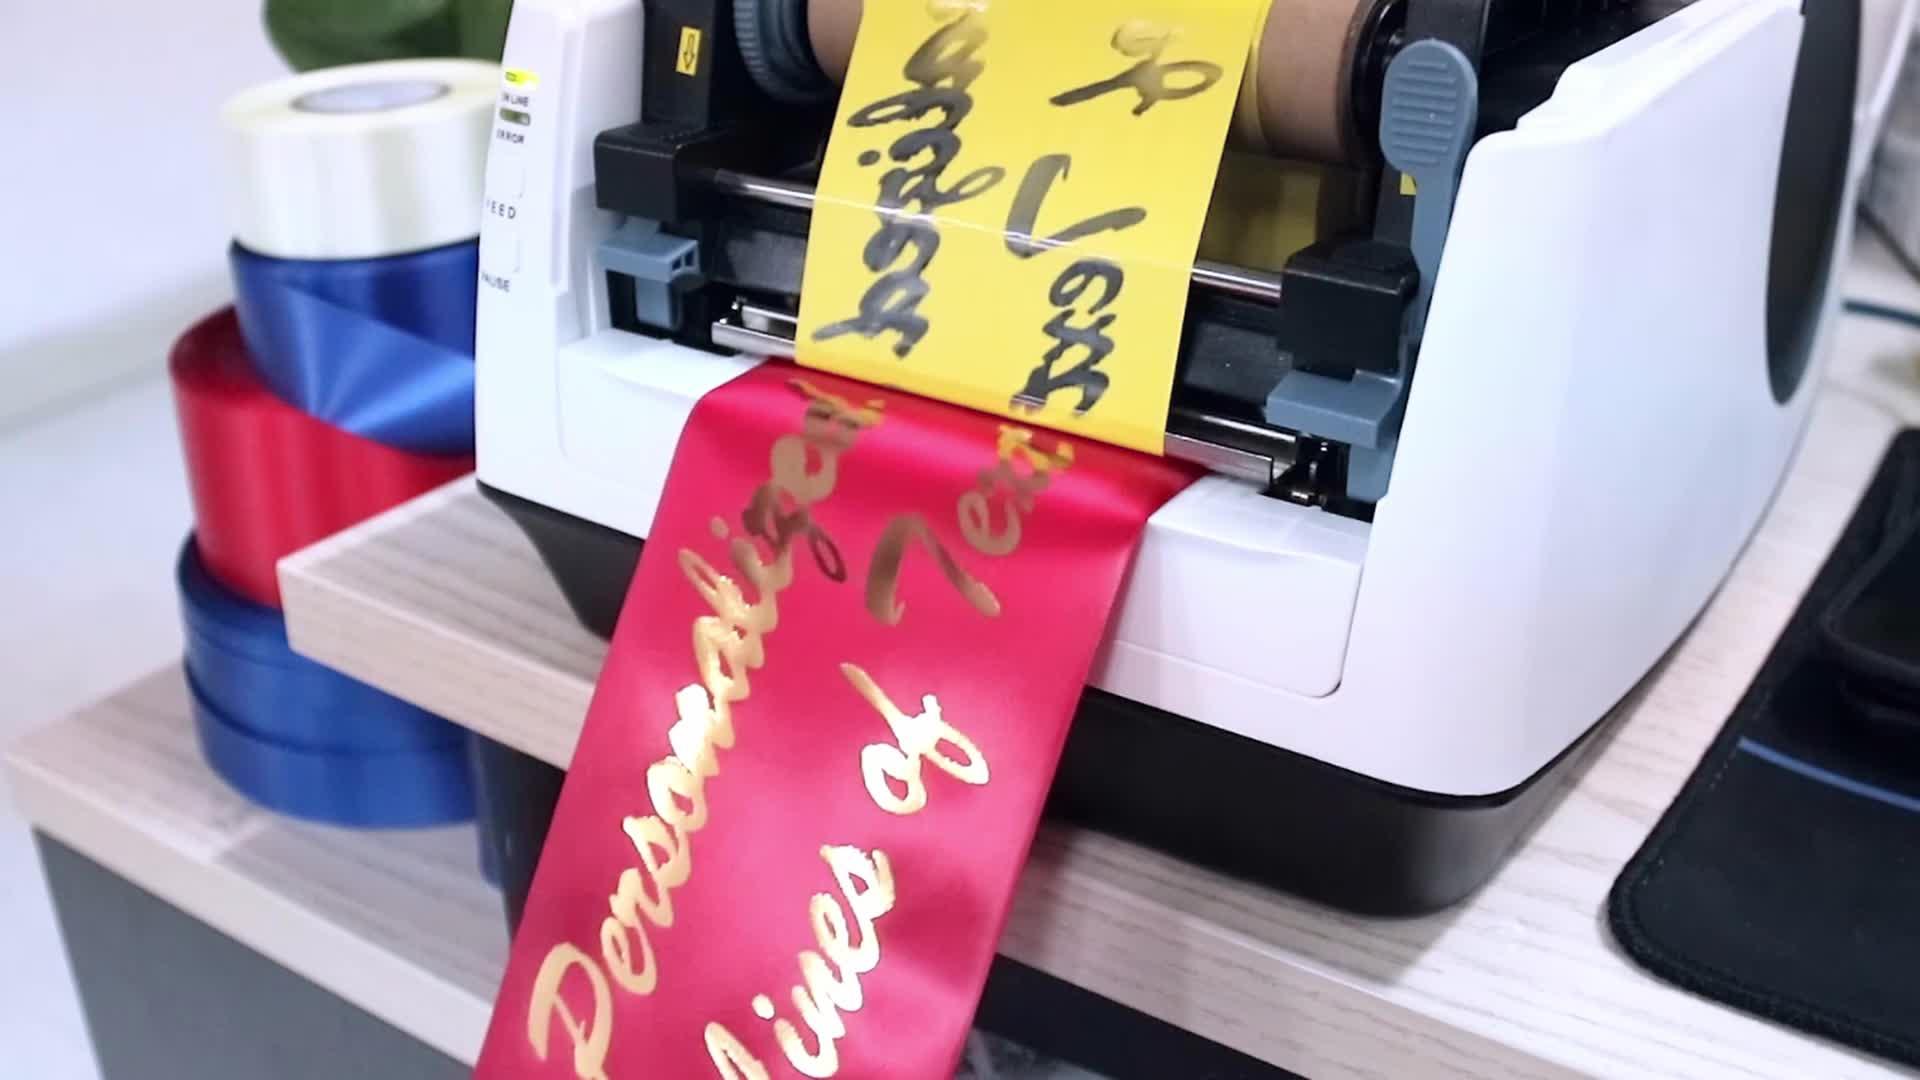 Tanda N Pemakaman Ribbon Printer Kecepatan Tinggi Mesin Cetak untuk Pribadi Kesadaran Pita